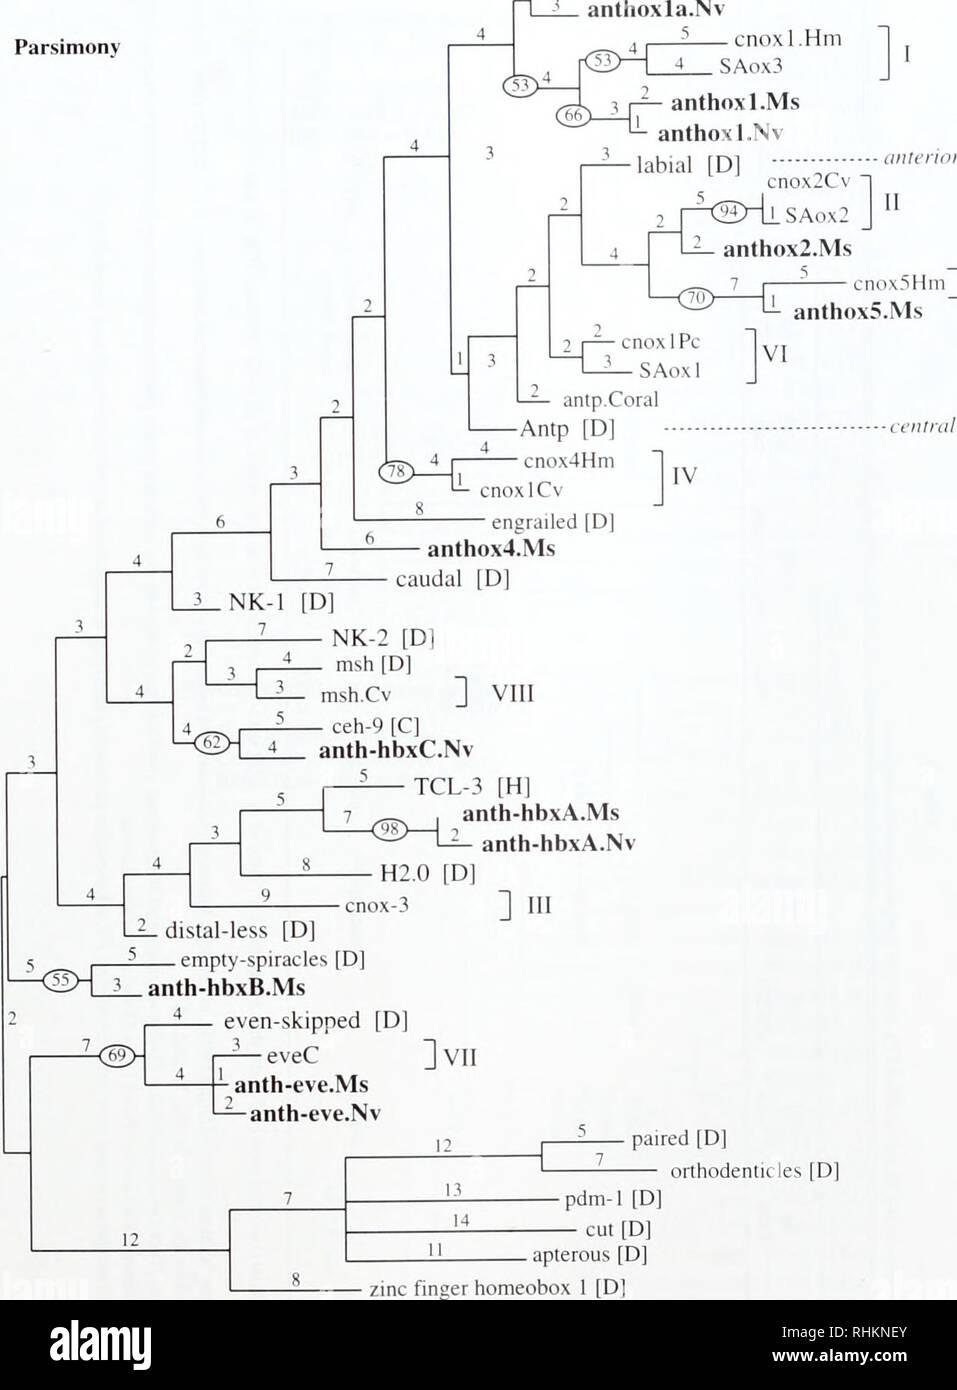 medium resolution of la biolog a zoolog a biolog a biolog a marina pdm 1 d cut d d orthodenticles